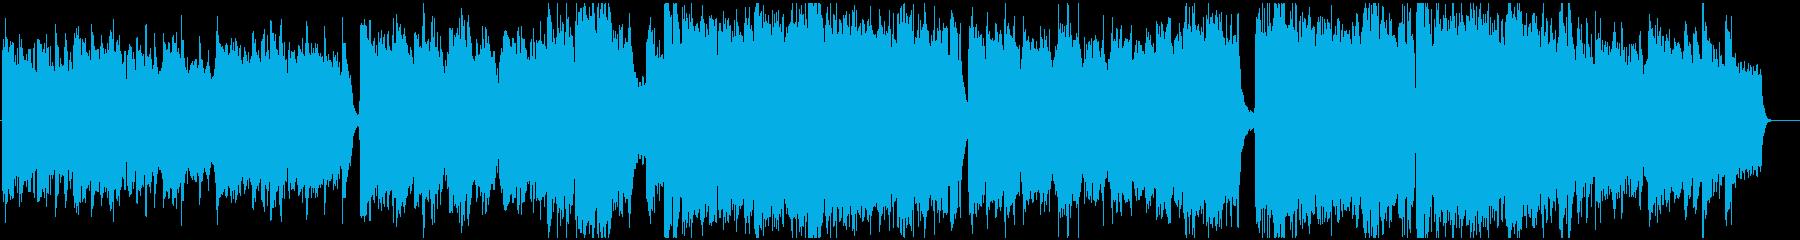 ドラマチックでストーリー性のあるBGMの再生済みの波形